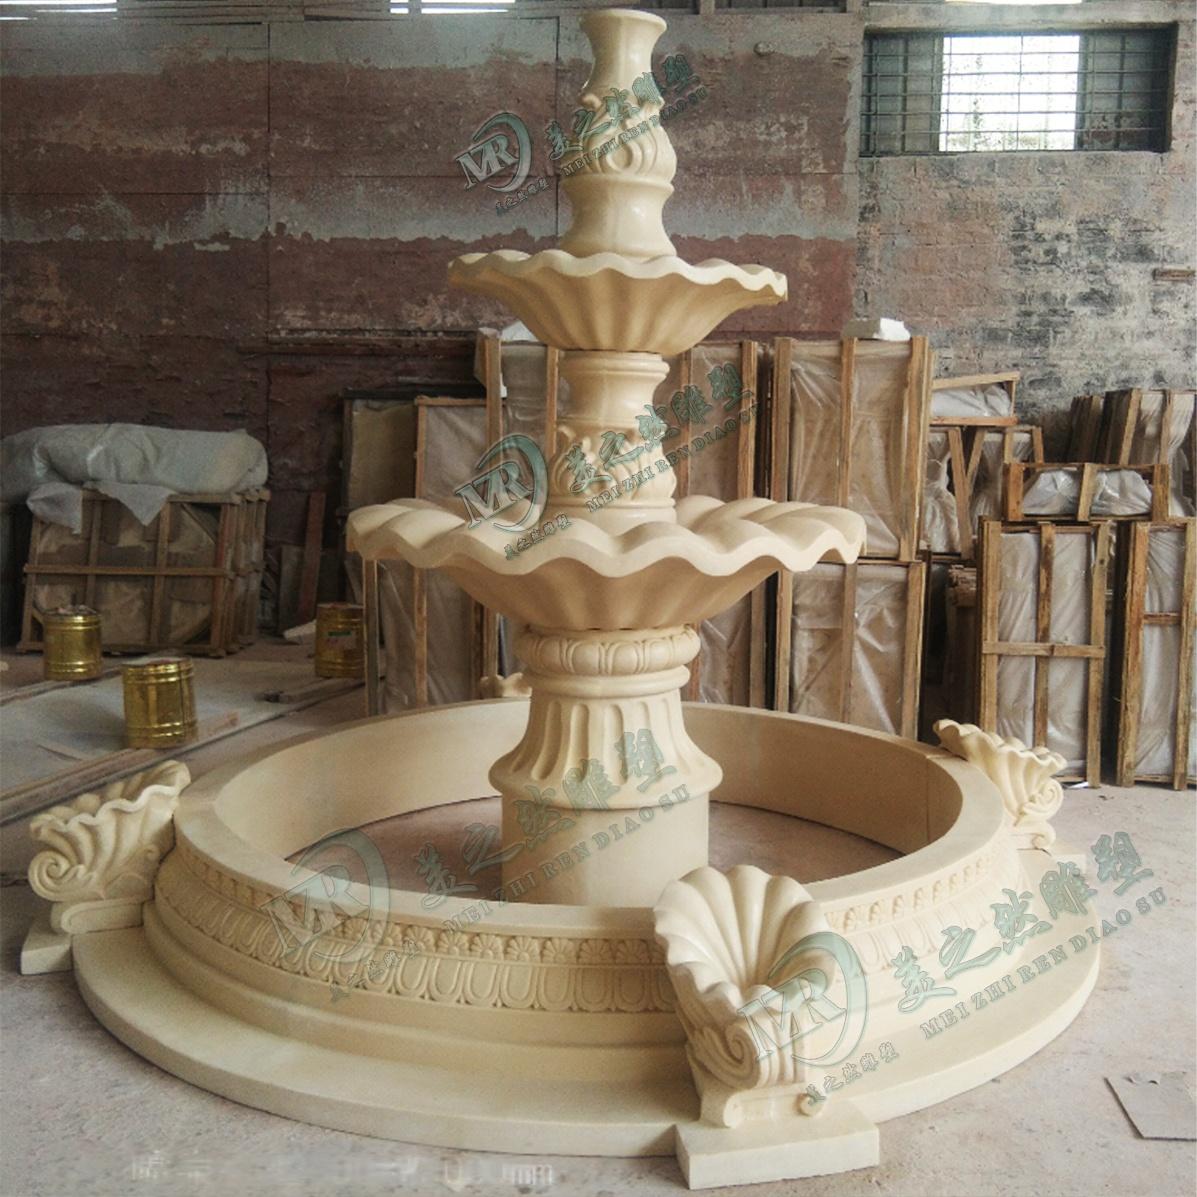 广东砂岩喷泉园林景观喷水池雕塑佛山砂岩雕塑113548355